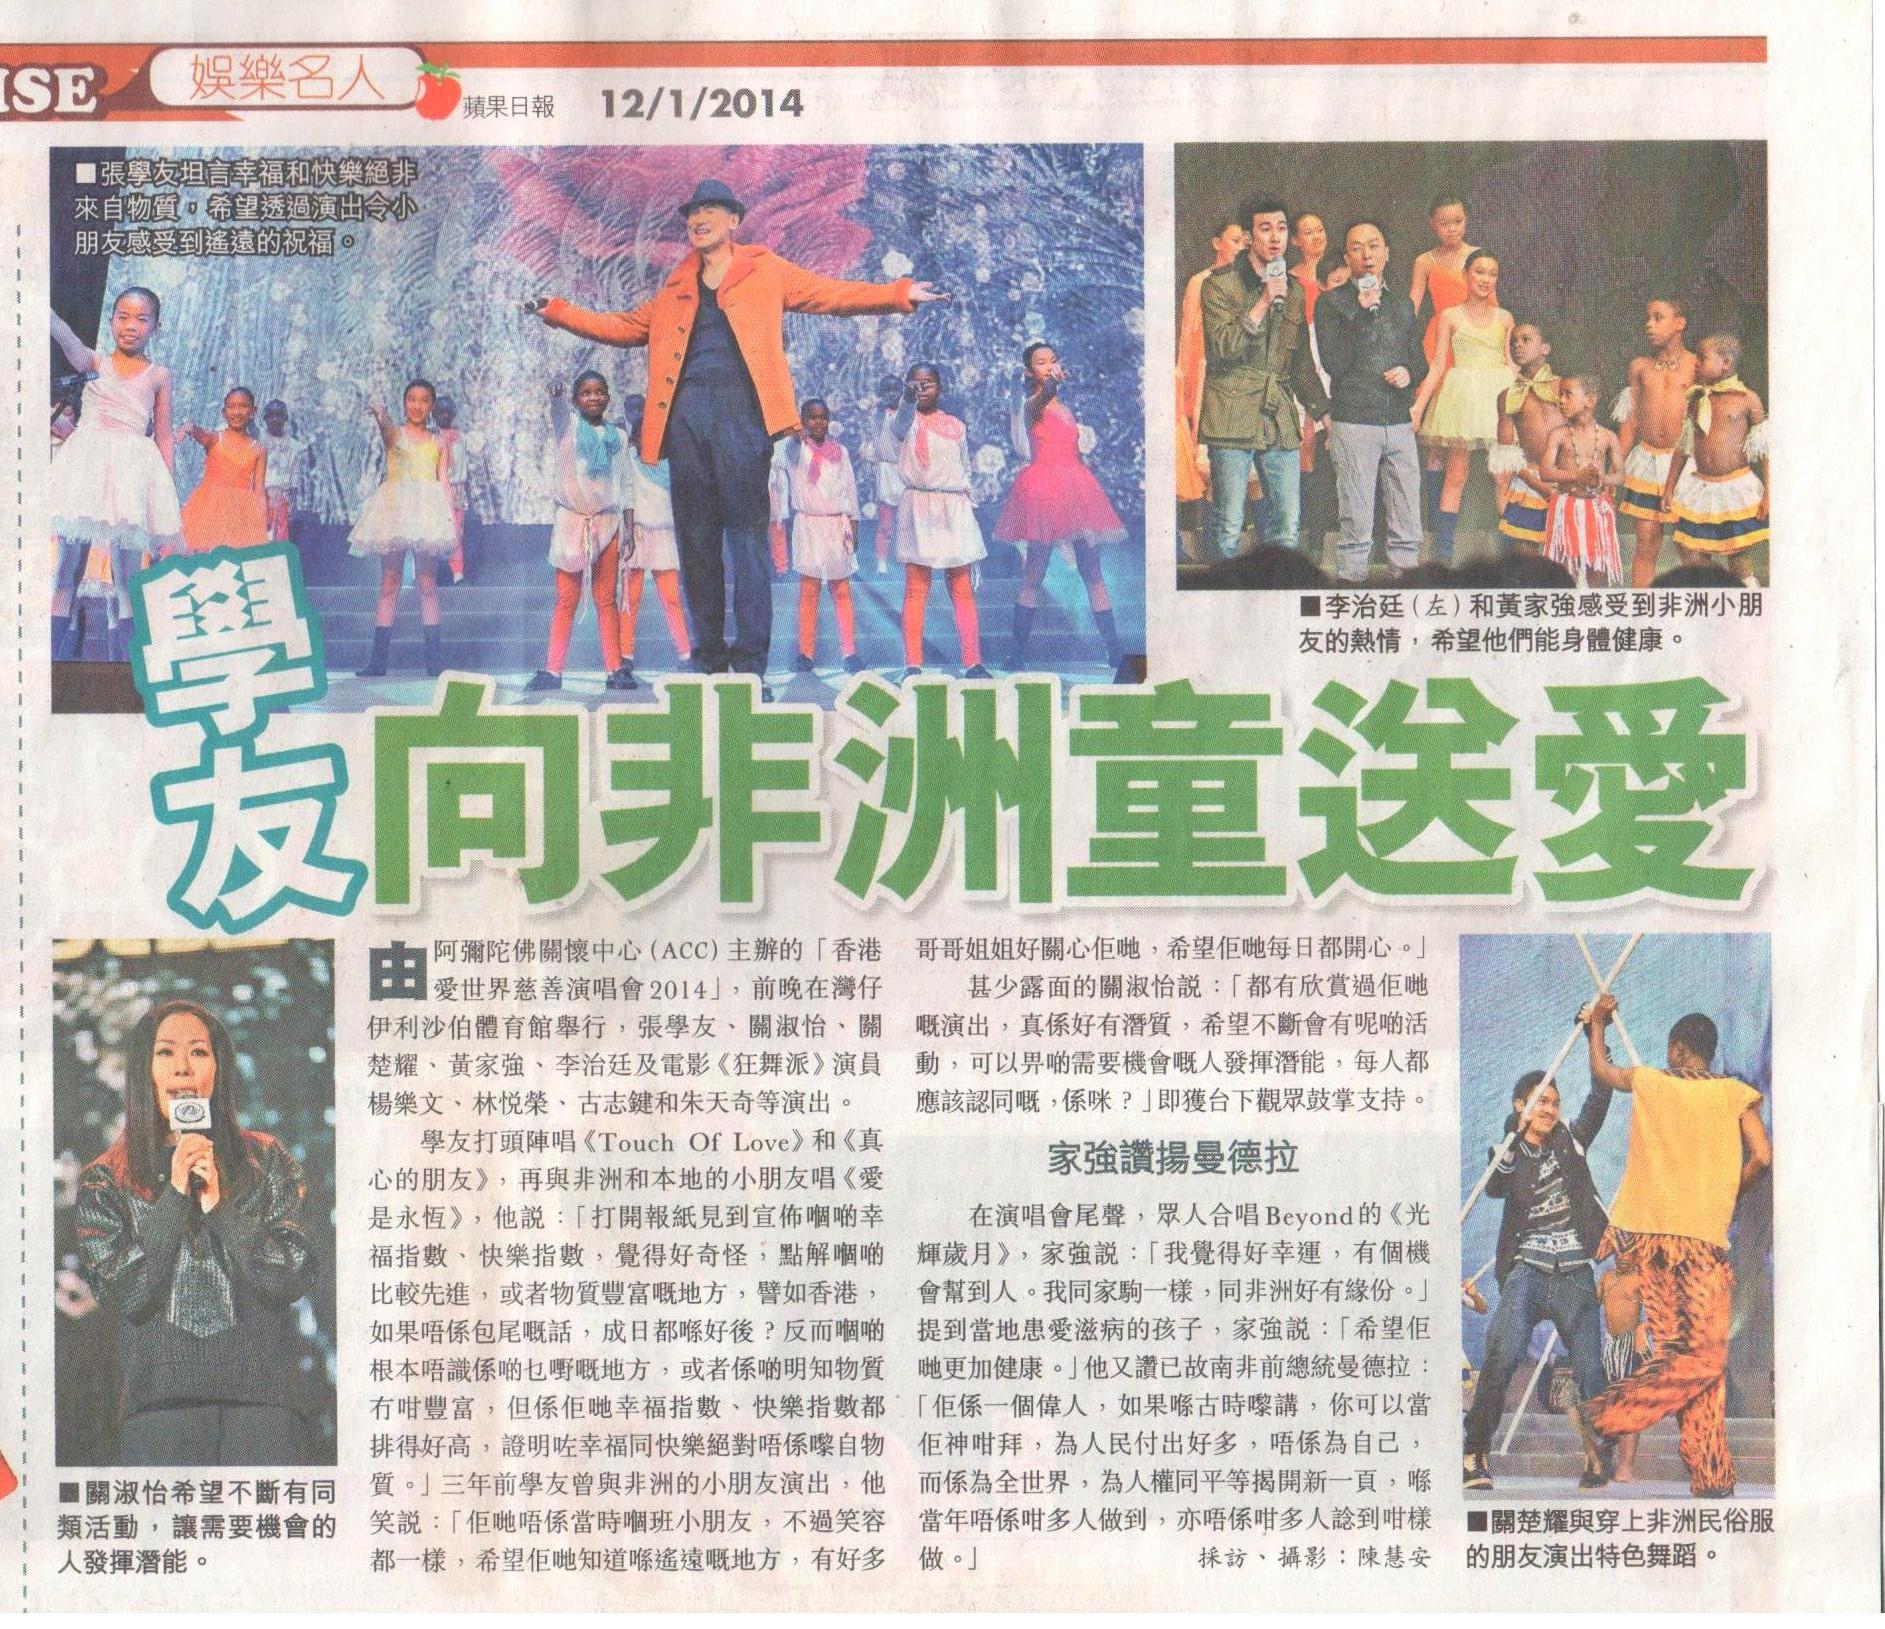 Hong Kong's Apple Daily